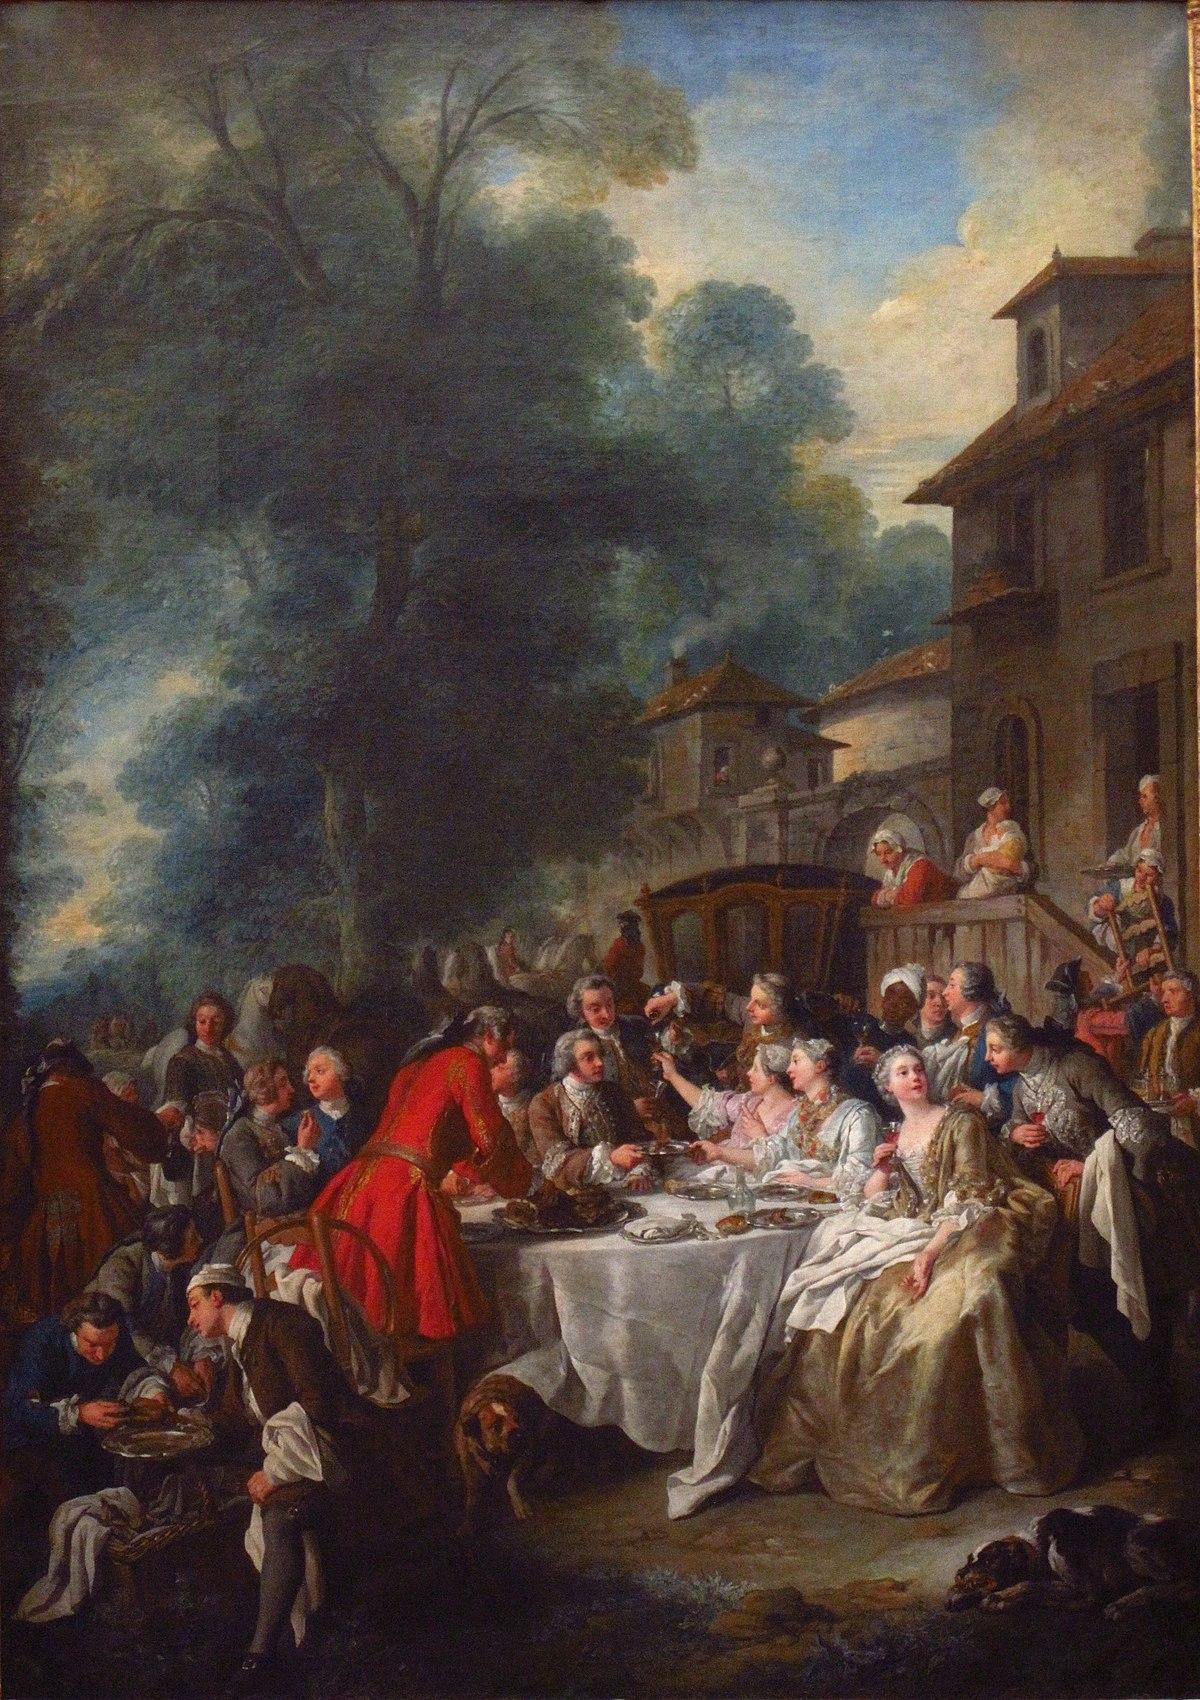 Troy - Un déjeuner de chasse (1737)